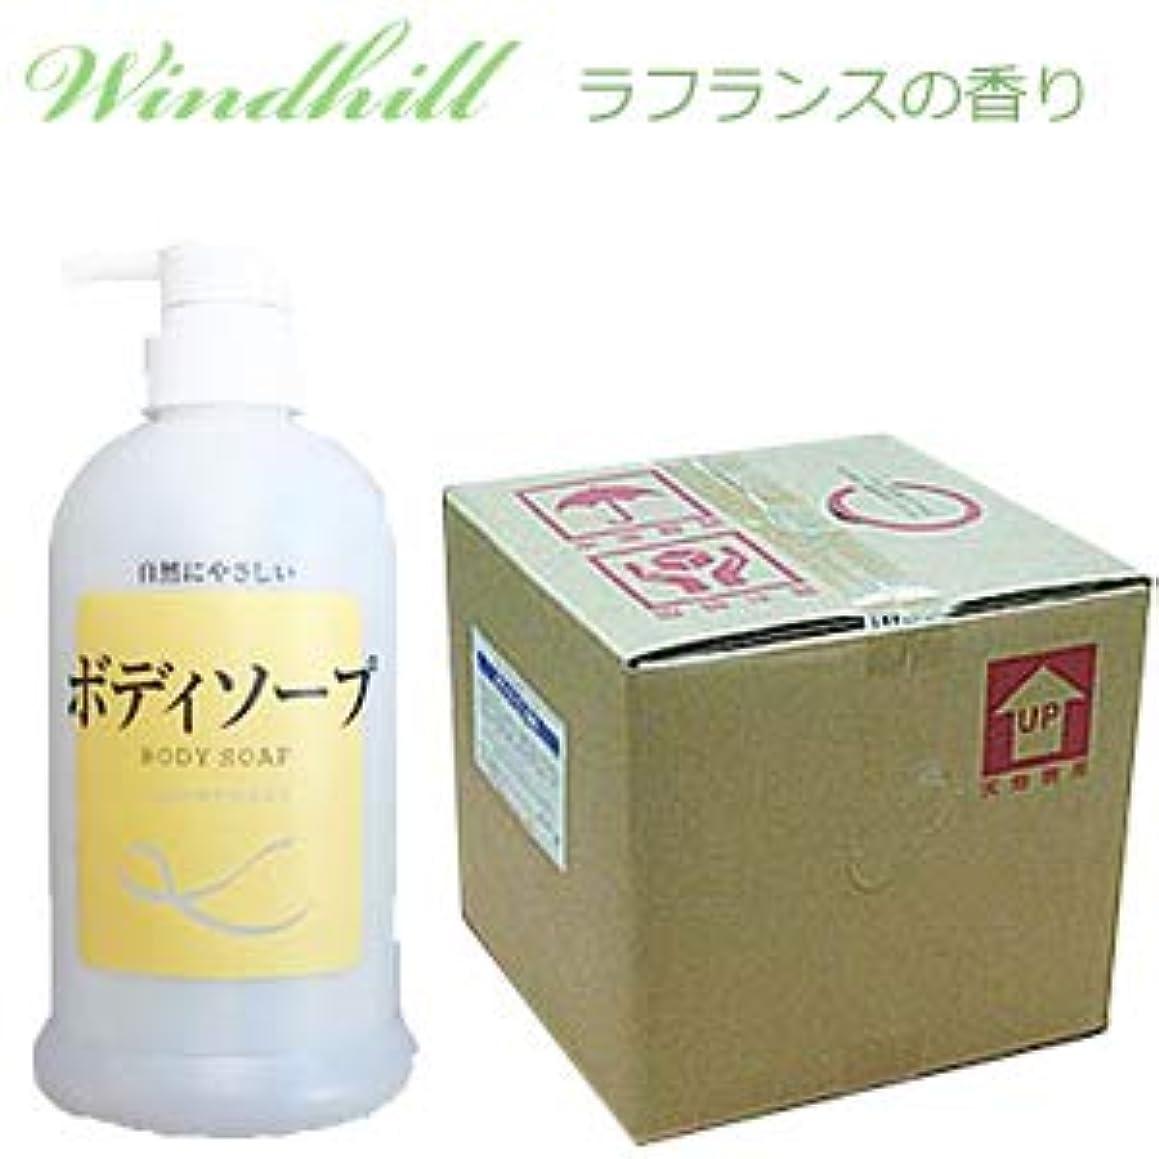 柔らかさ余計なサリーなんと! 500ml当り173円 Windhill 植物性 業務用 ボディソープ  爽やかなラフランスの香り 20L